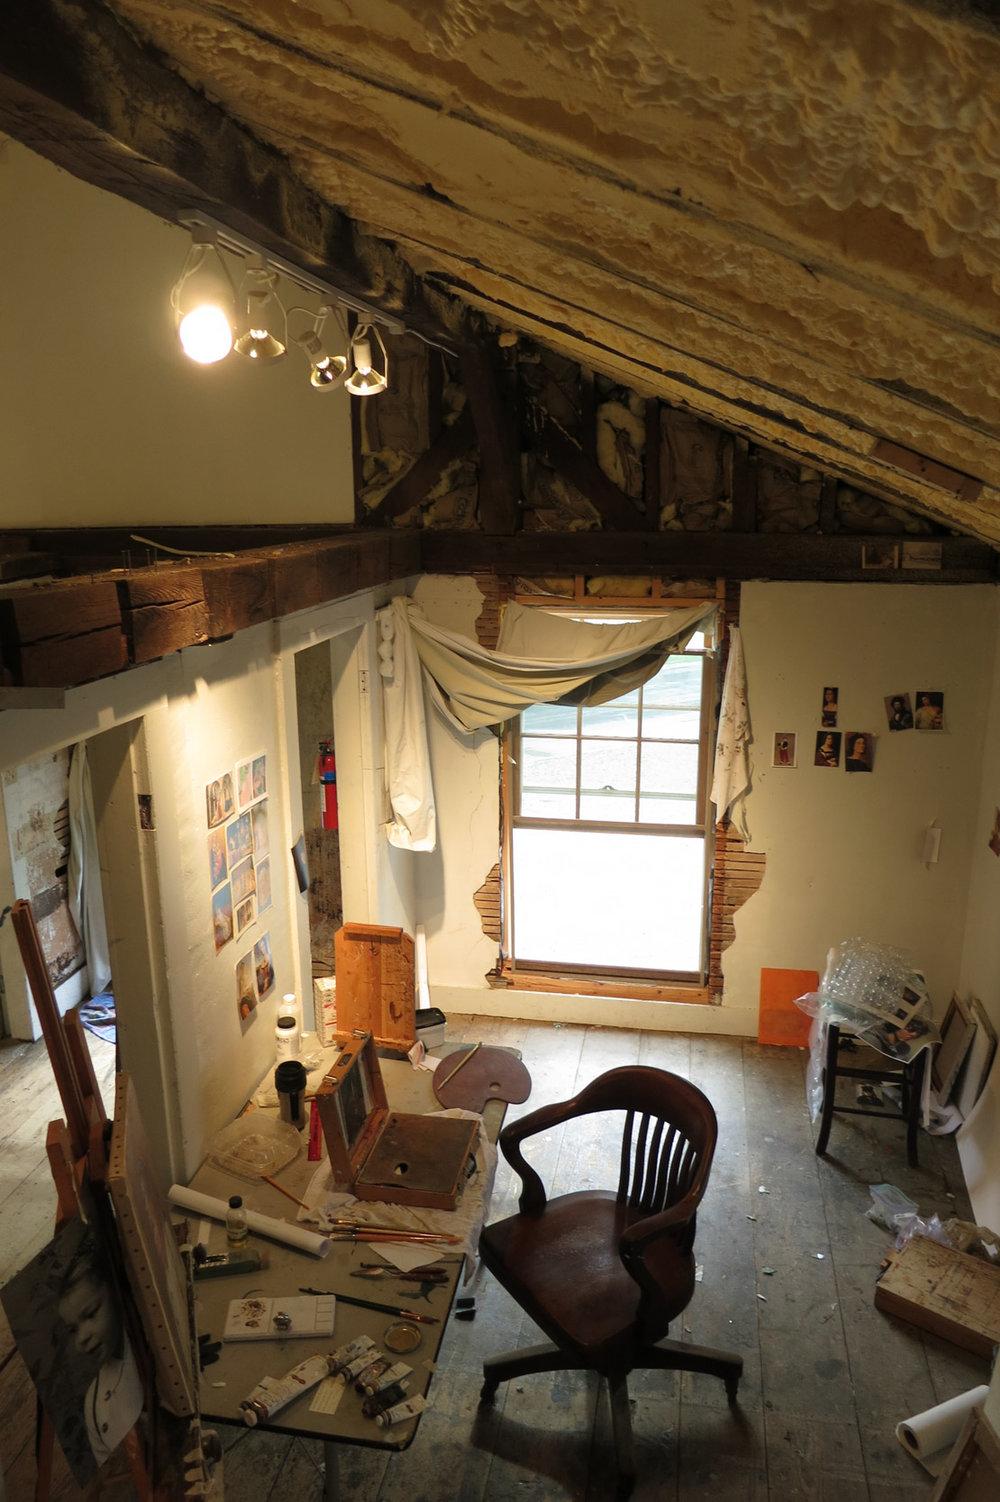 wassaic-project-location-maxon-mills-2012-09-09-03-55-28.jpg